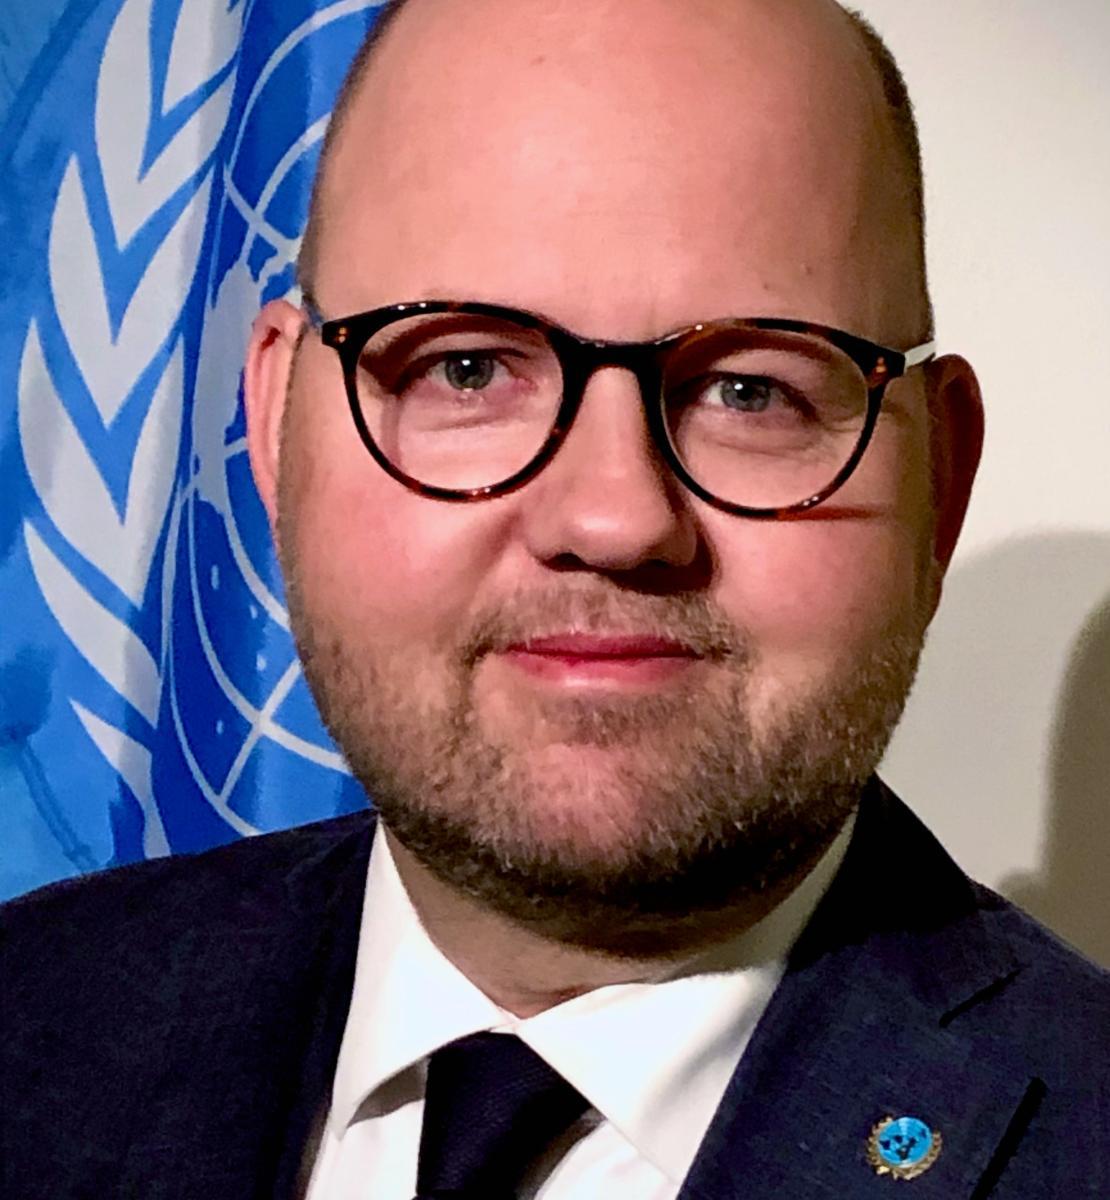 Un retrato de Peter Lundberg, nuevo Coordinador Residente de la ONU en Montenegro